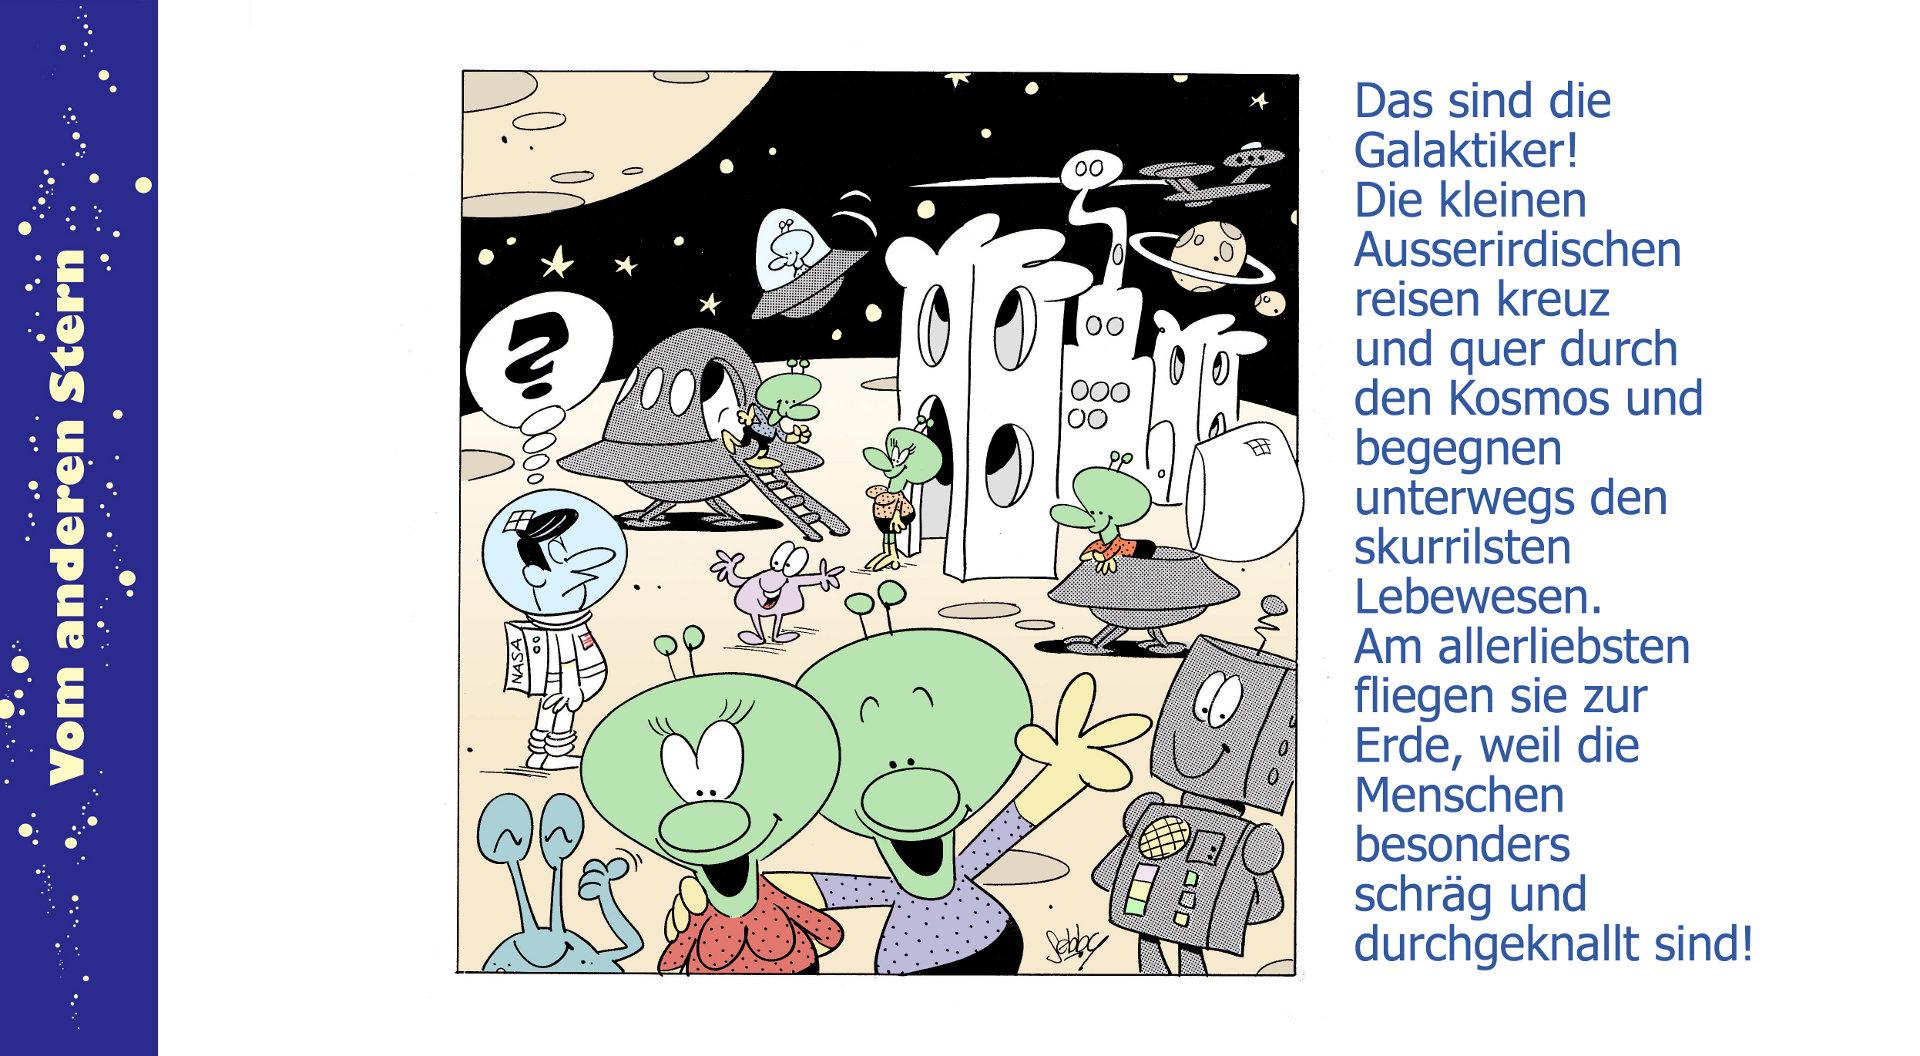 http://treworx.net/kunden/brandt-cartoons/von-anderen-stern.html